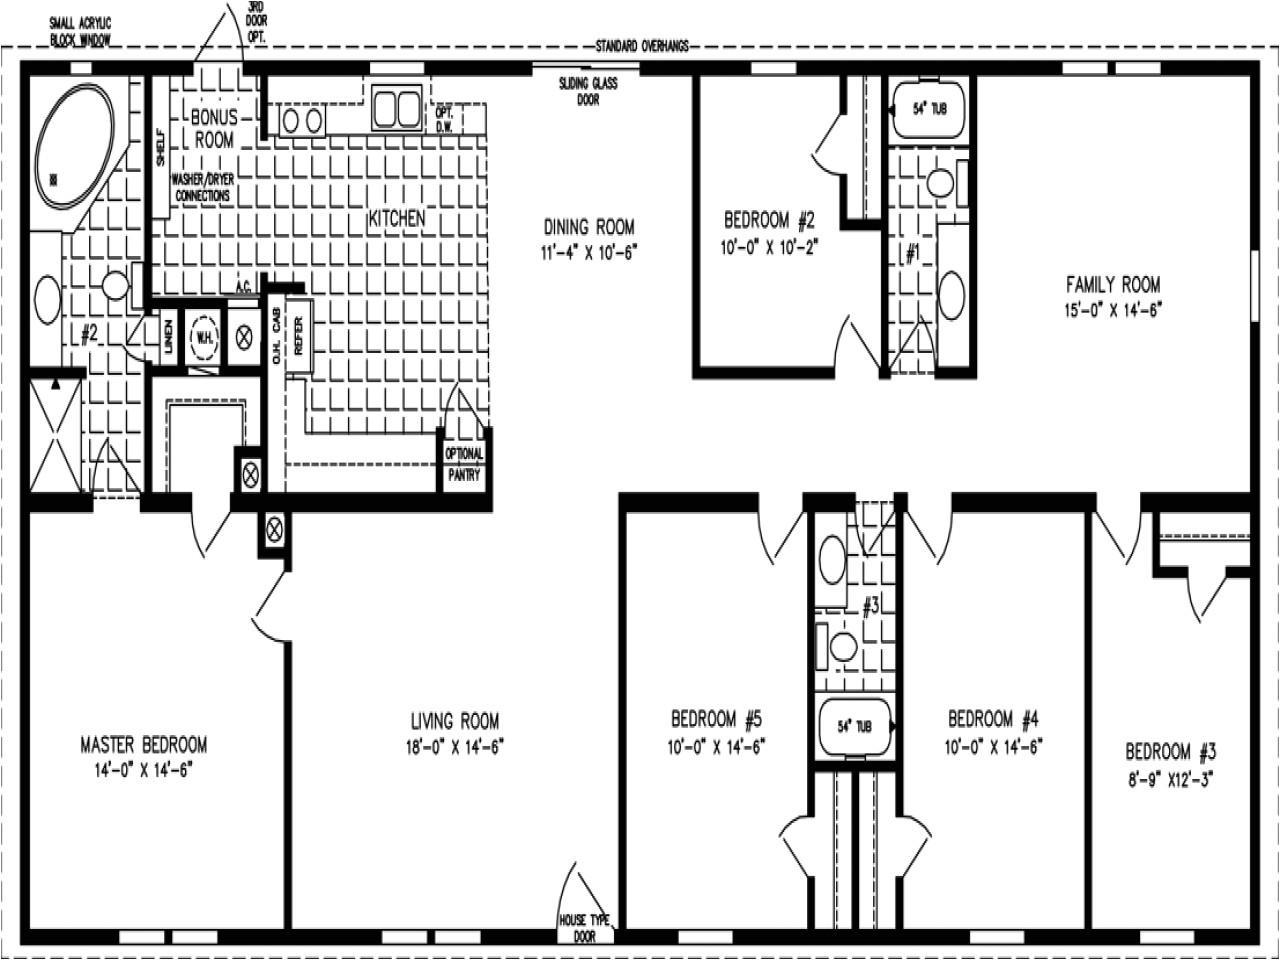 6 Bedroom Manufactured Home Floor Plan 5 Bedroom Mobile Home Floor Plans 6 Bedroom Double Wides